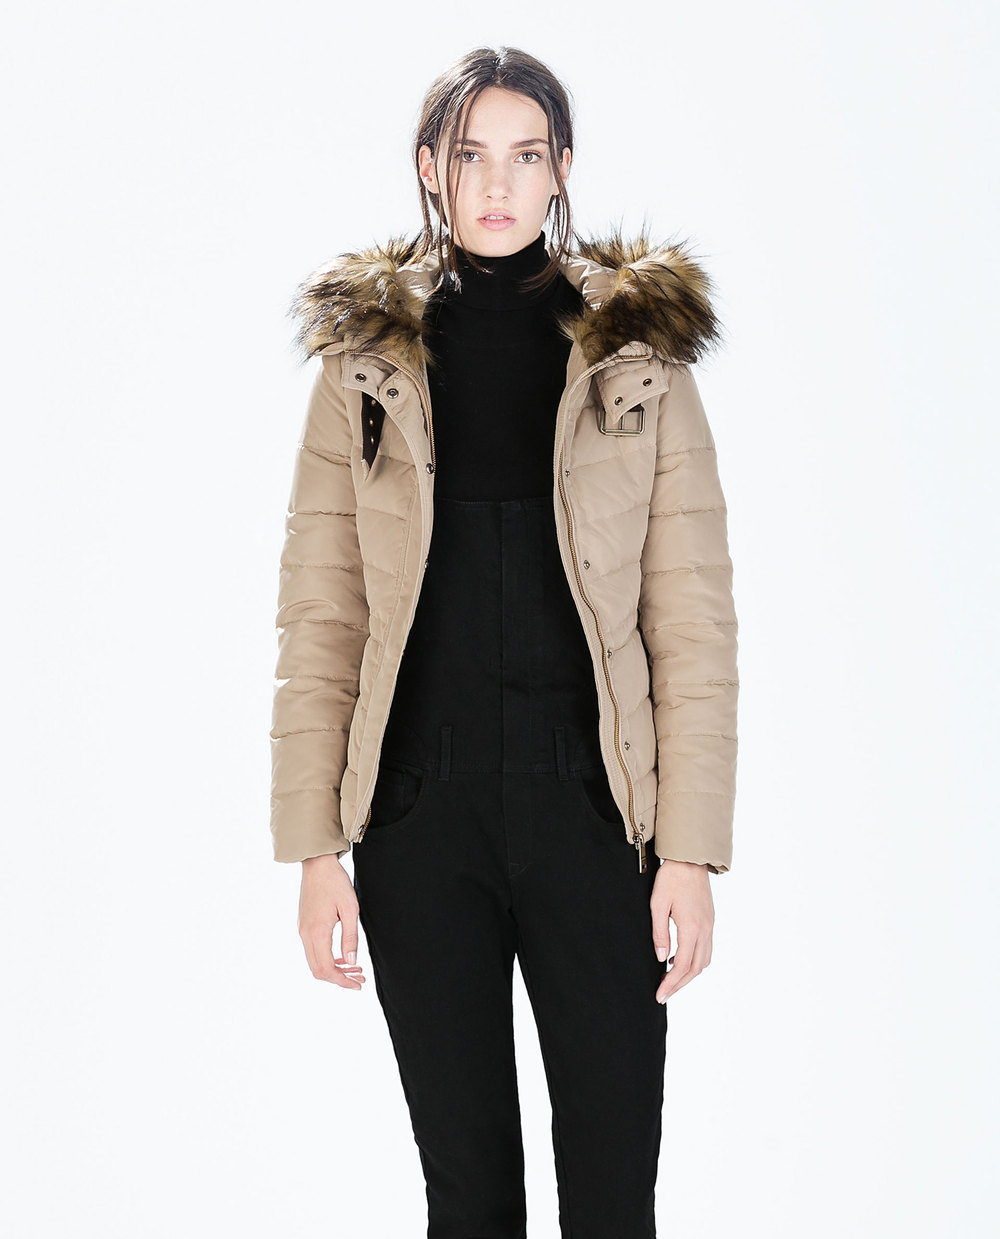 Short Parka Jacket With Fur Hood